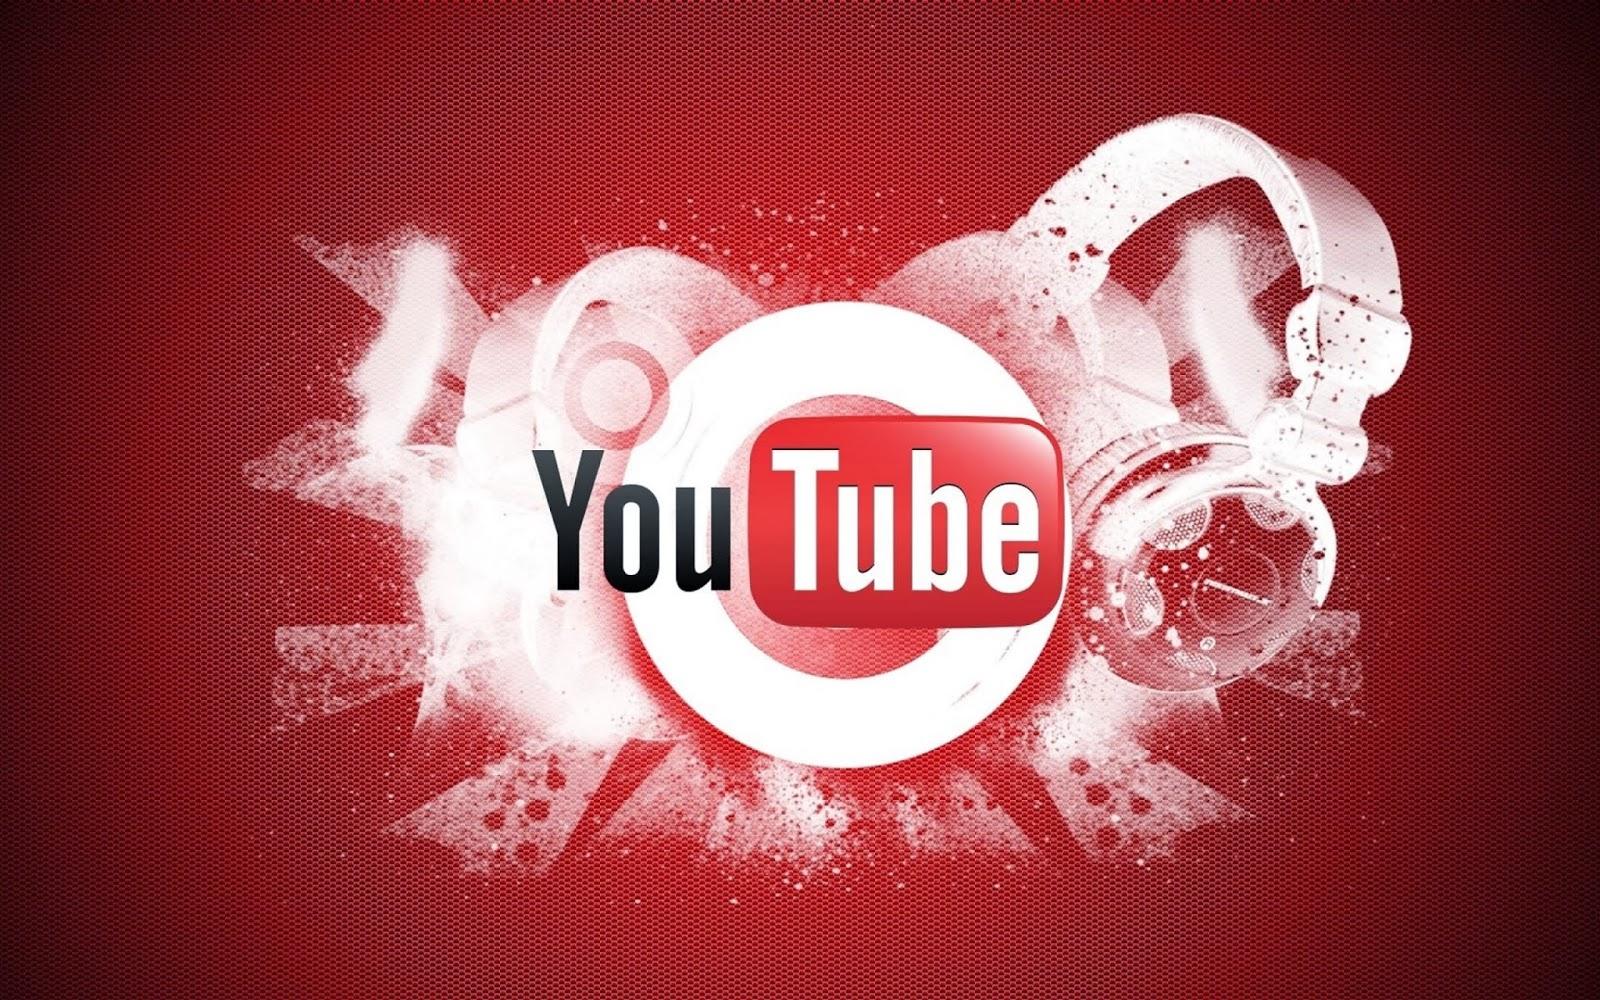 وداعاً لتقطيع فيديوهات اليويتوب مع ويندوز 8